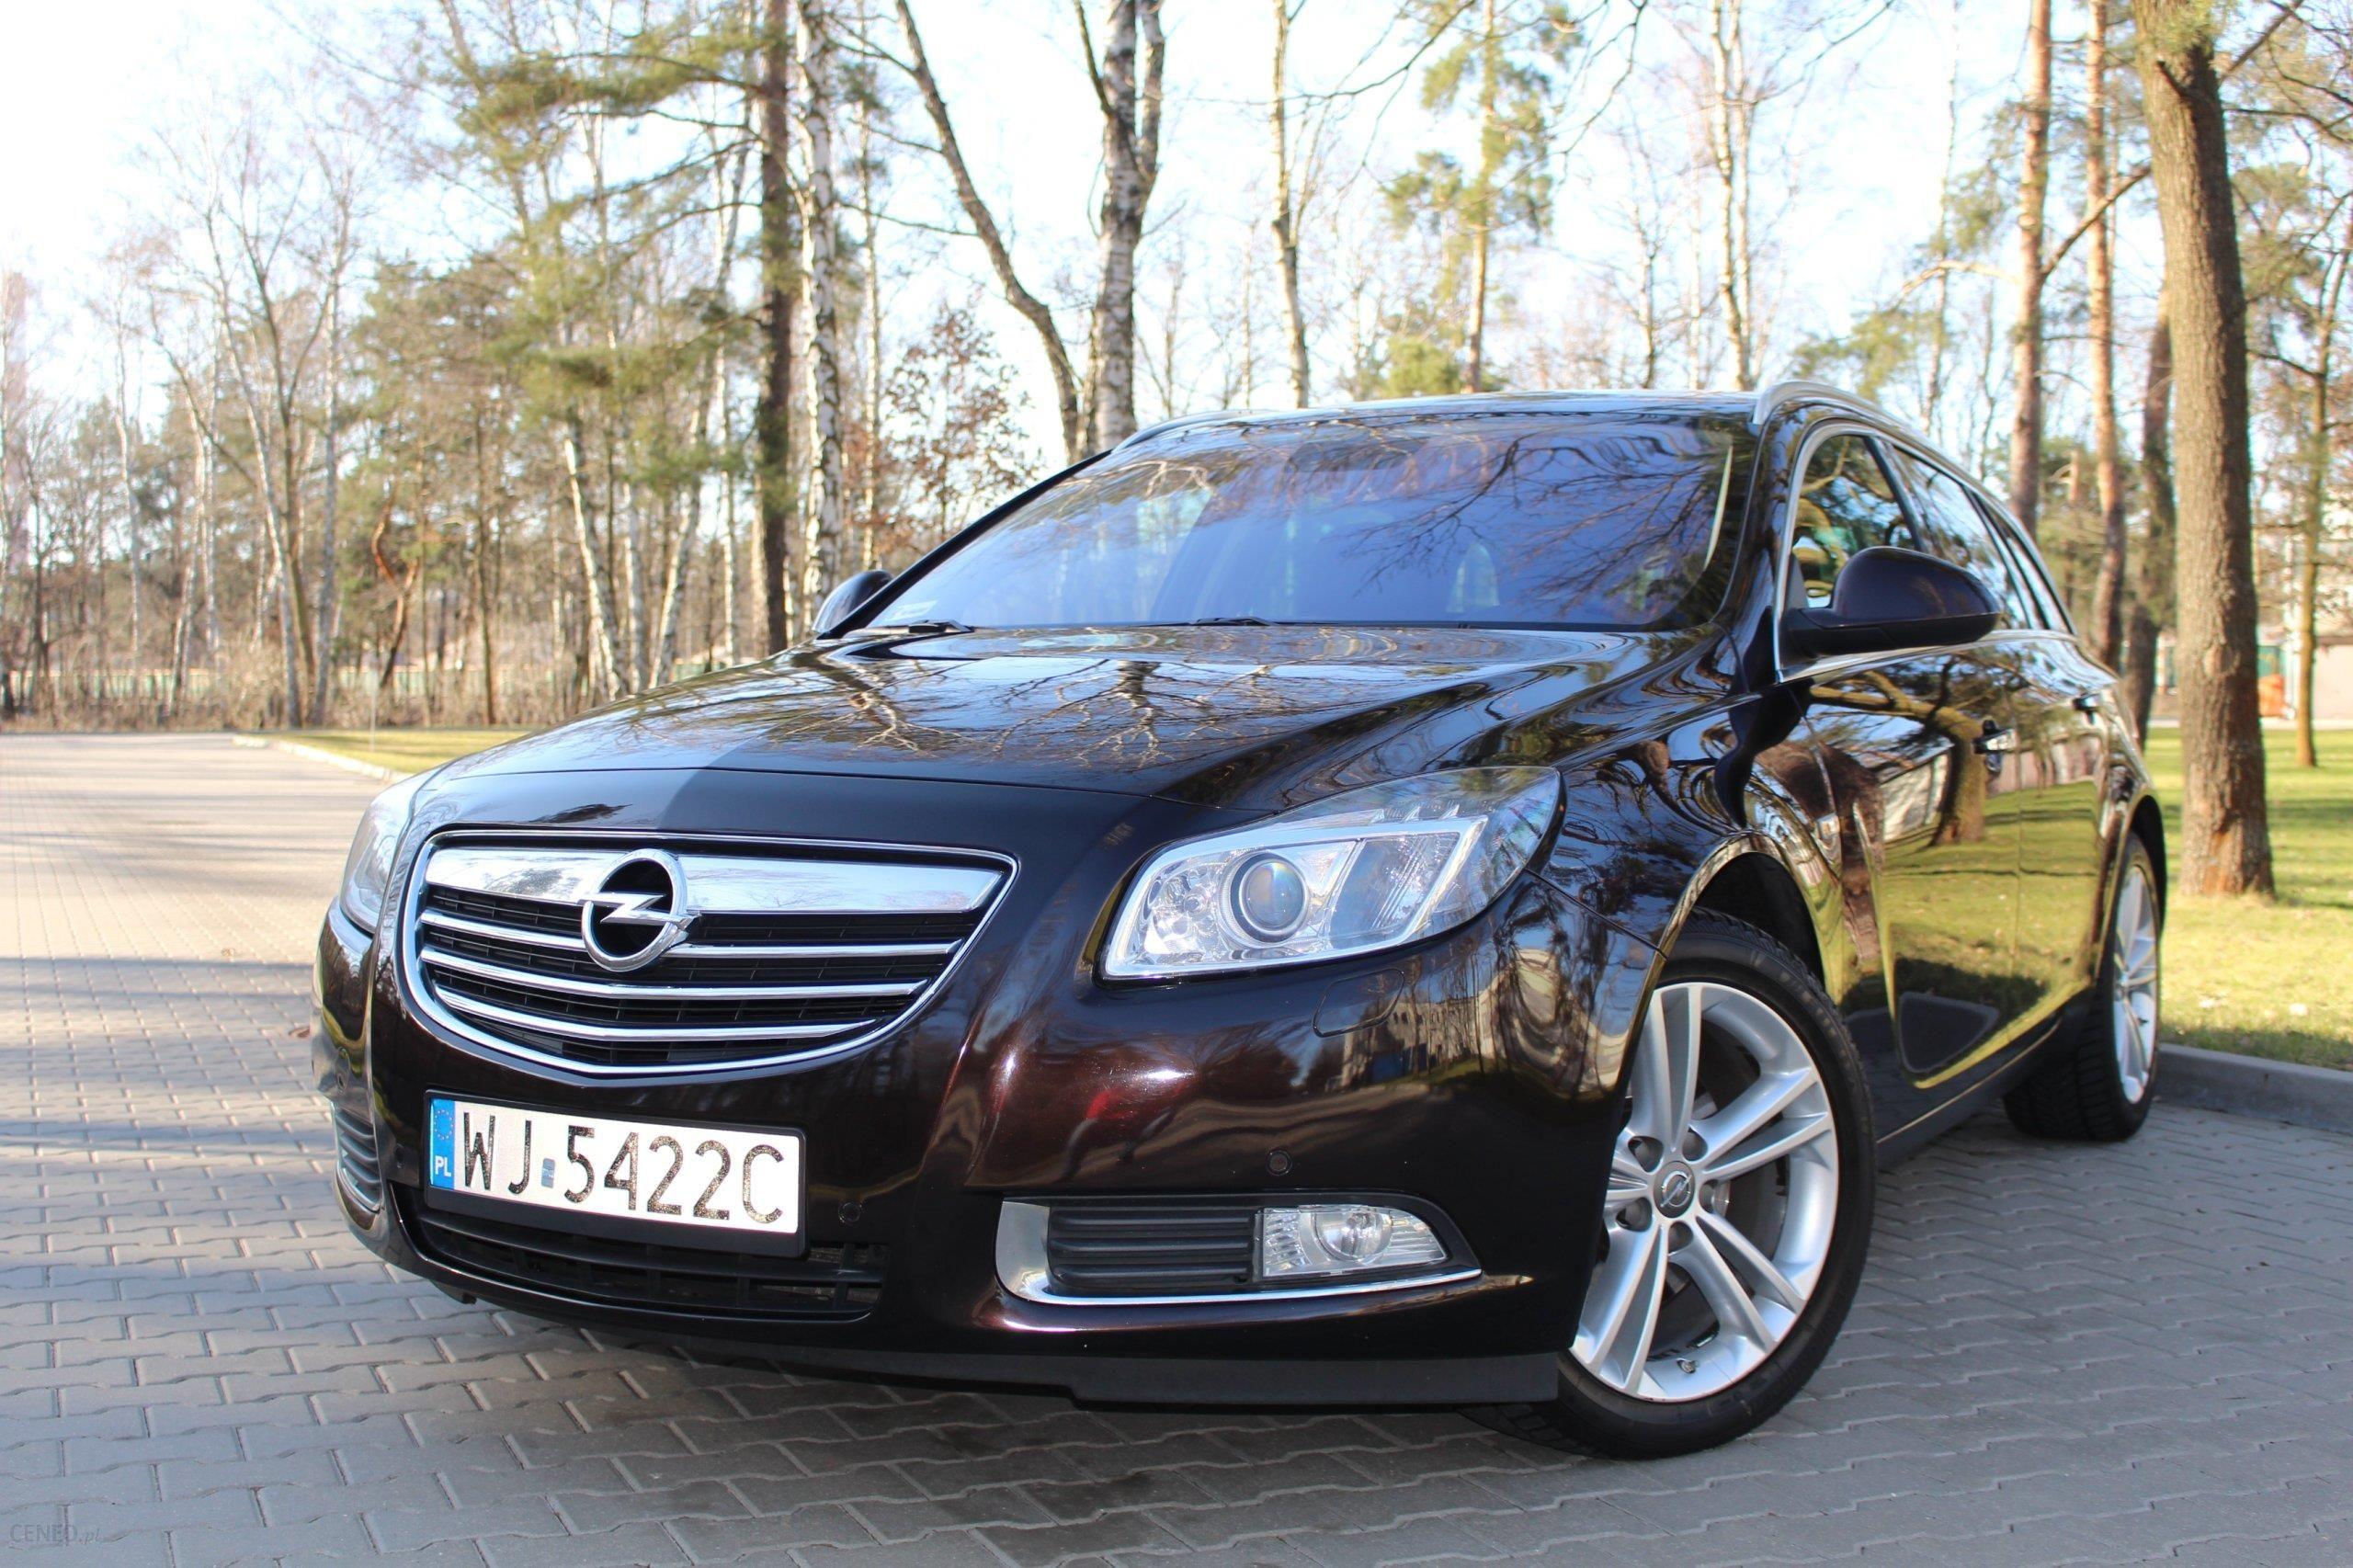 Opel Insignia 2 0 Cdti Sports Tourer Sw 2011 Opinie I Ceny Na Ceneo Pl